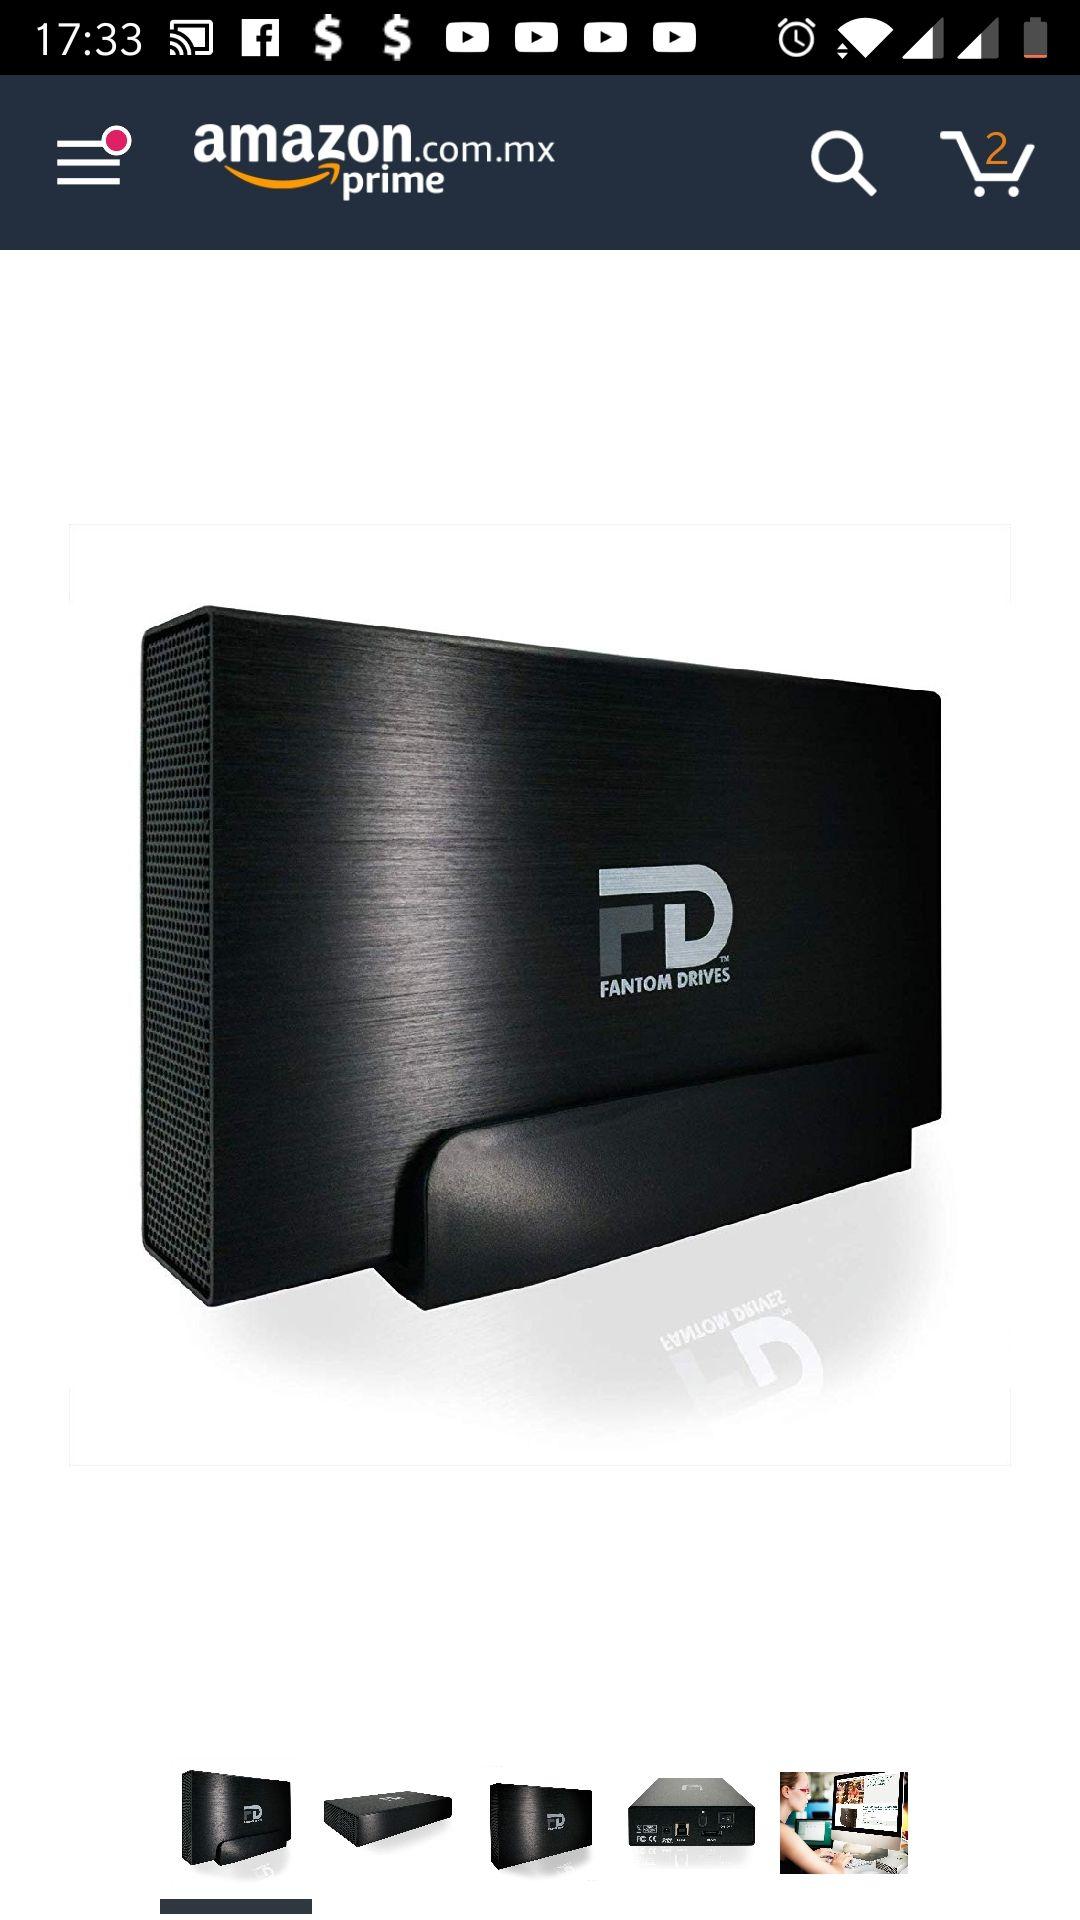 Amazon: Disco duro externo Fantom Drives 5TB